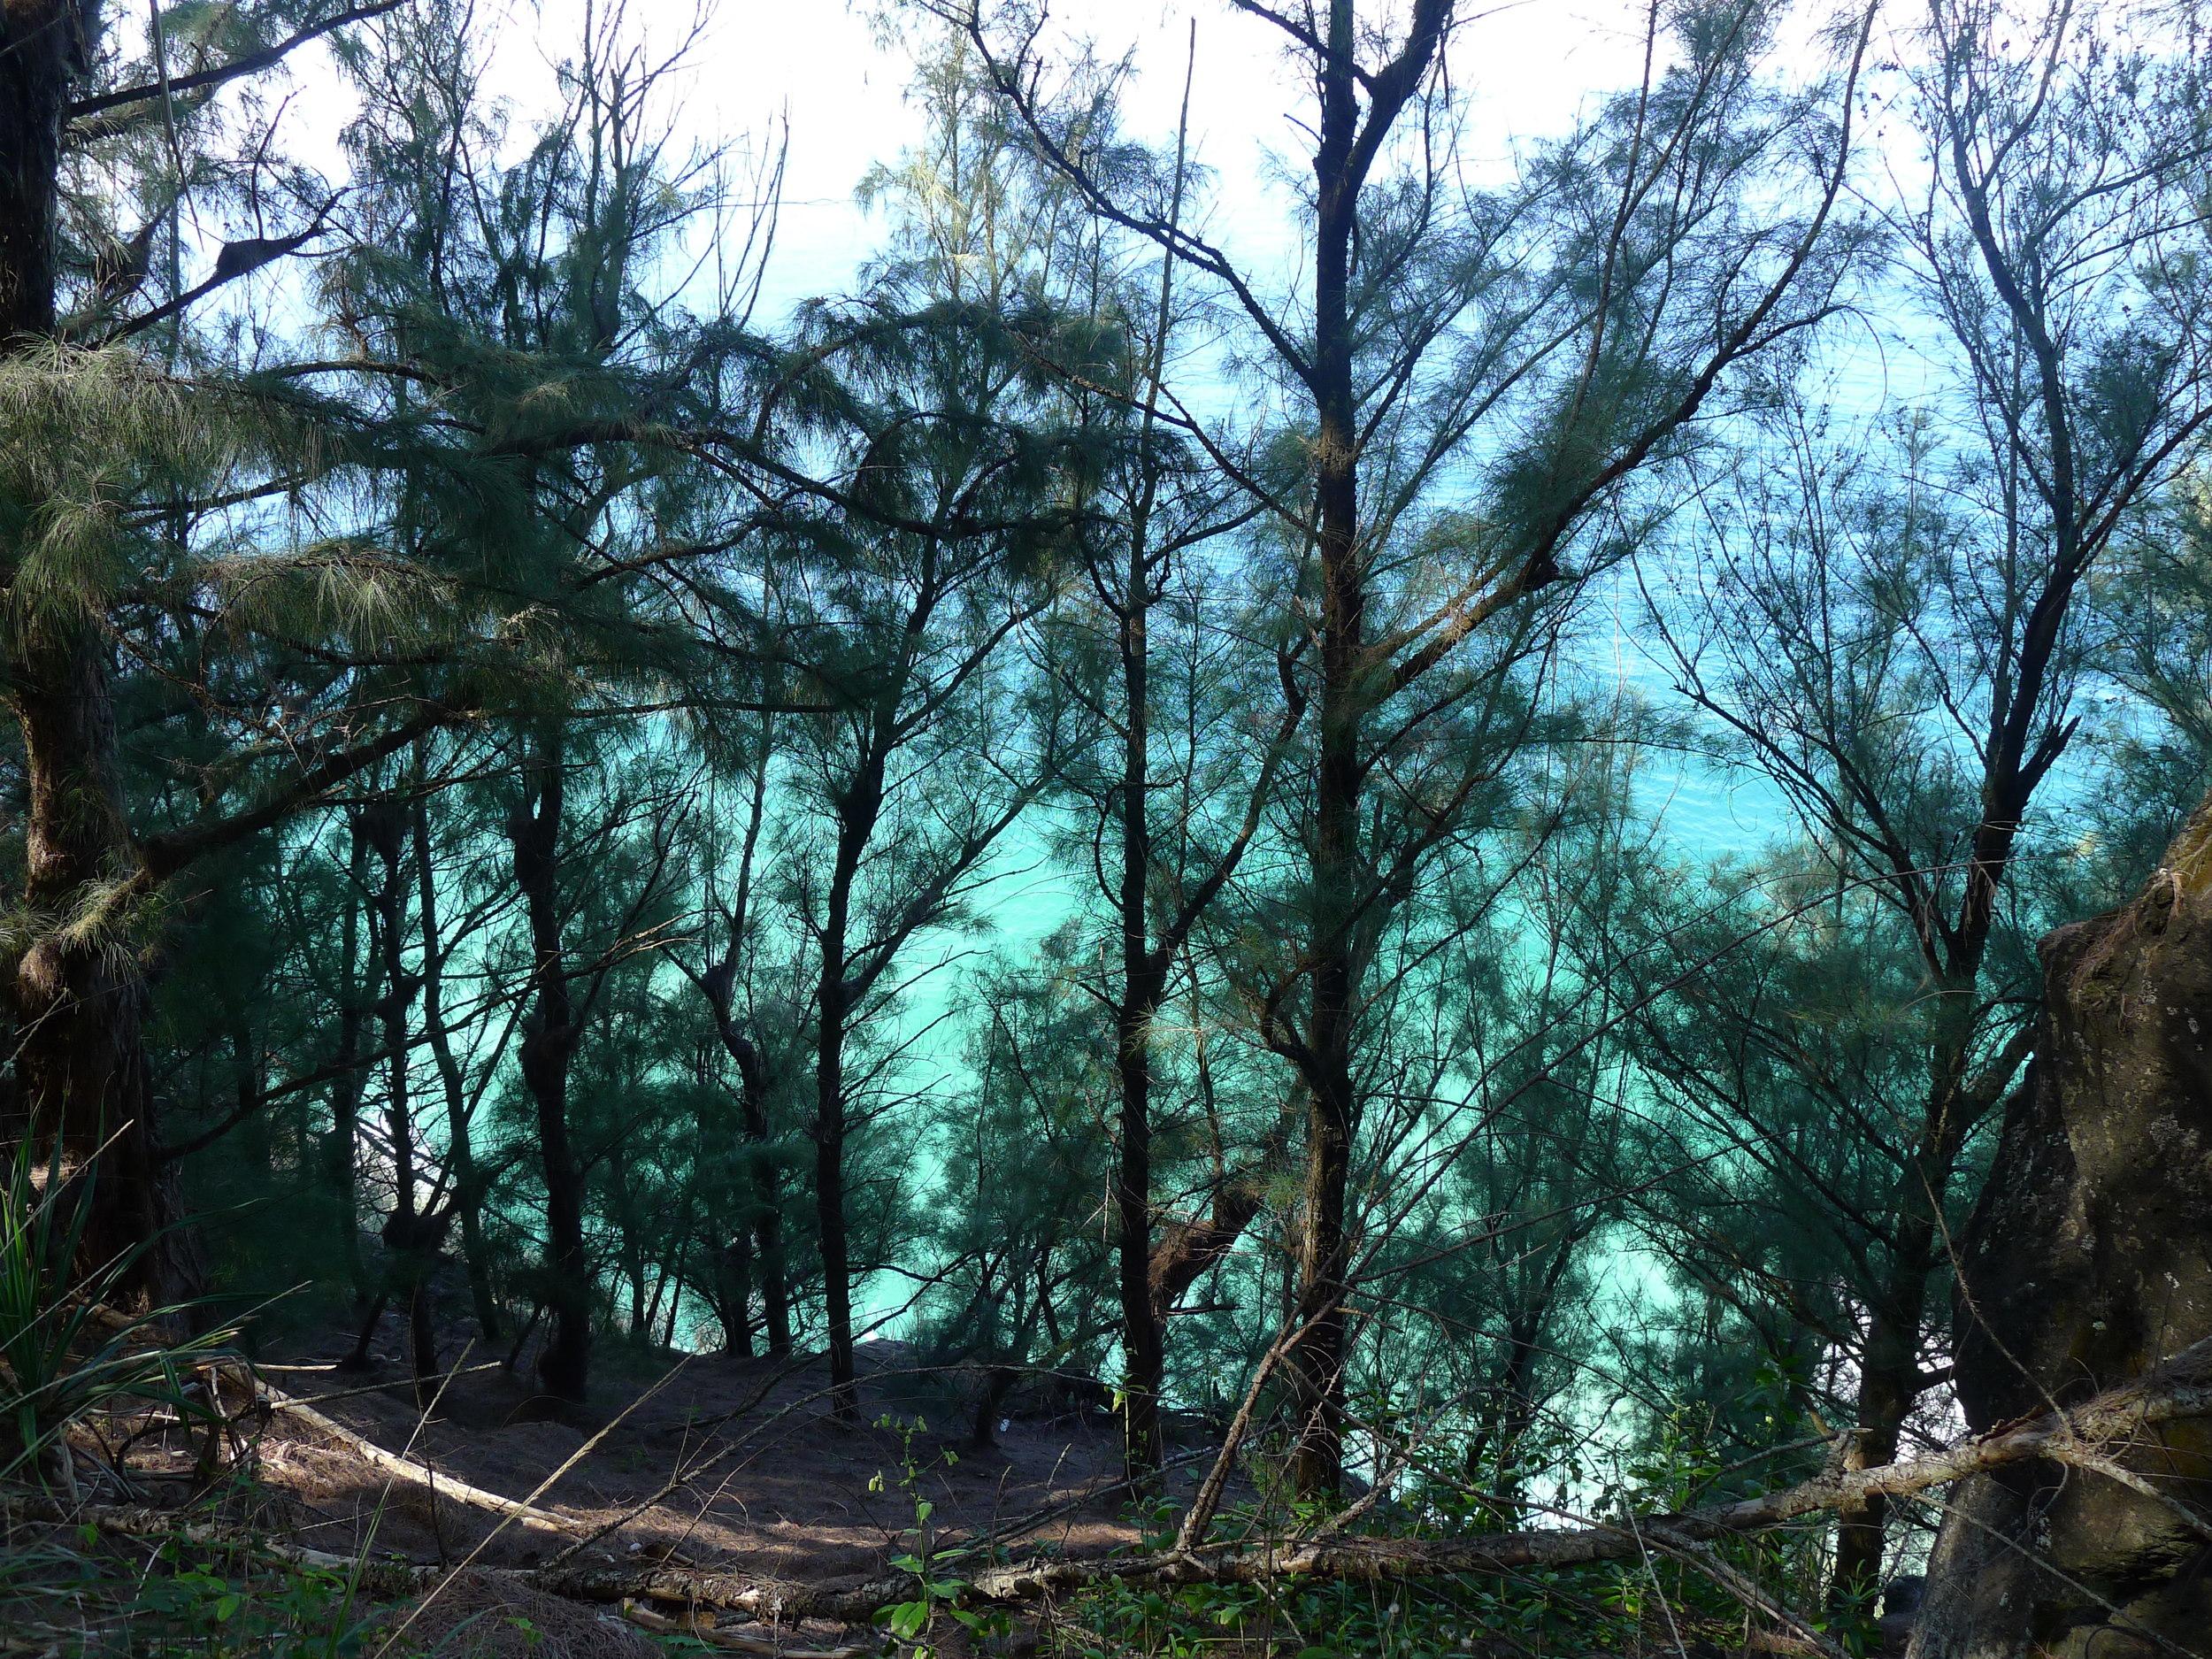 Kuva eräältä patikointiretkeltä Viivin kanssaKauai -saarelta.